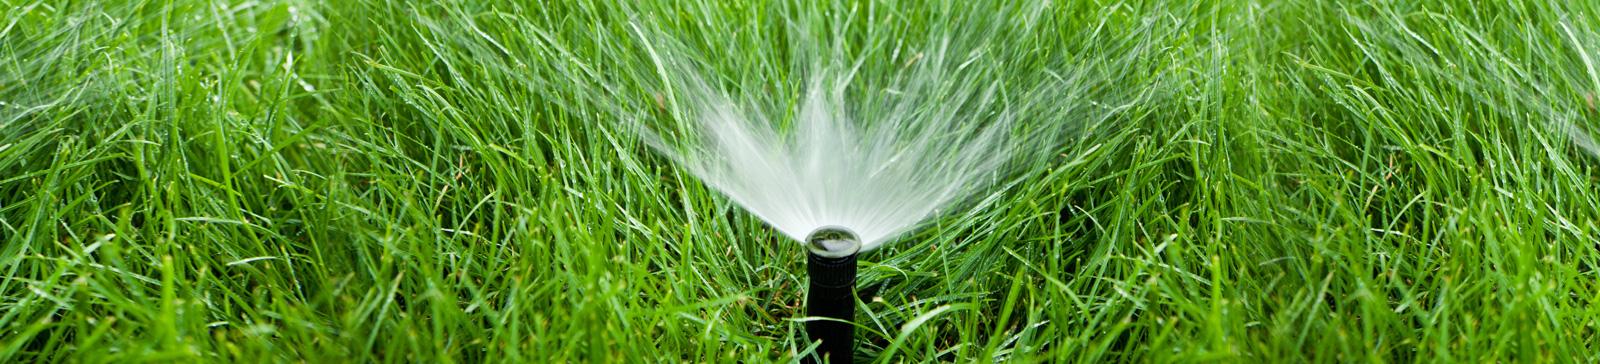 subpage_header-irrigation